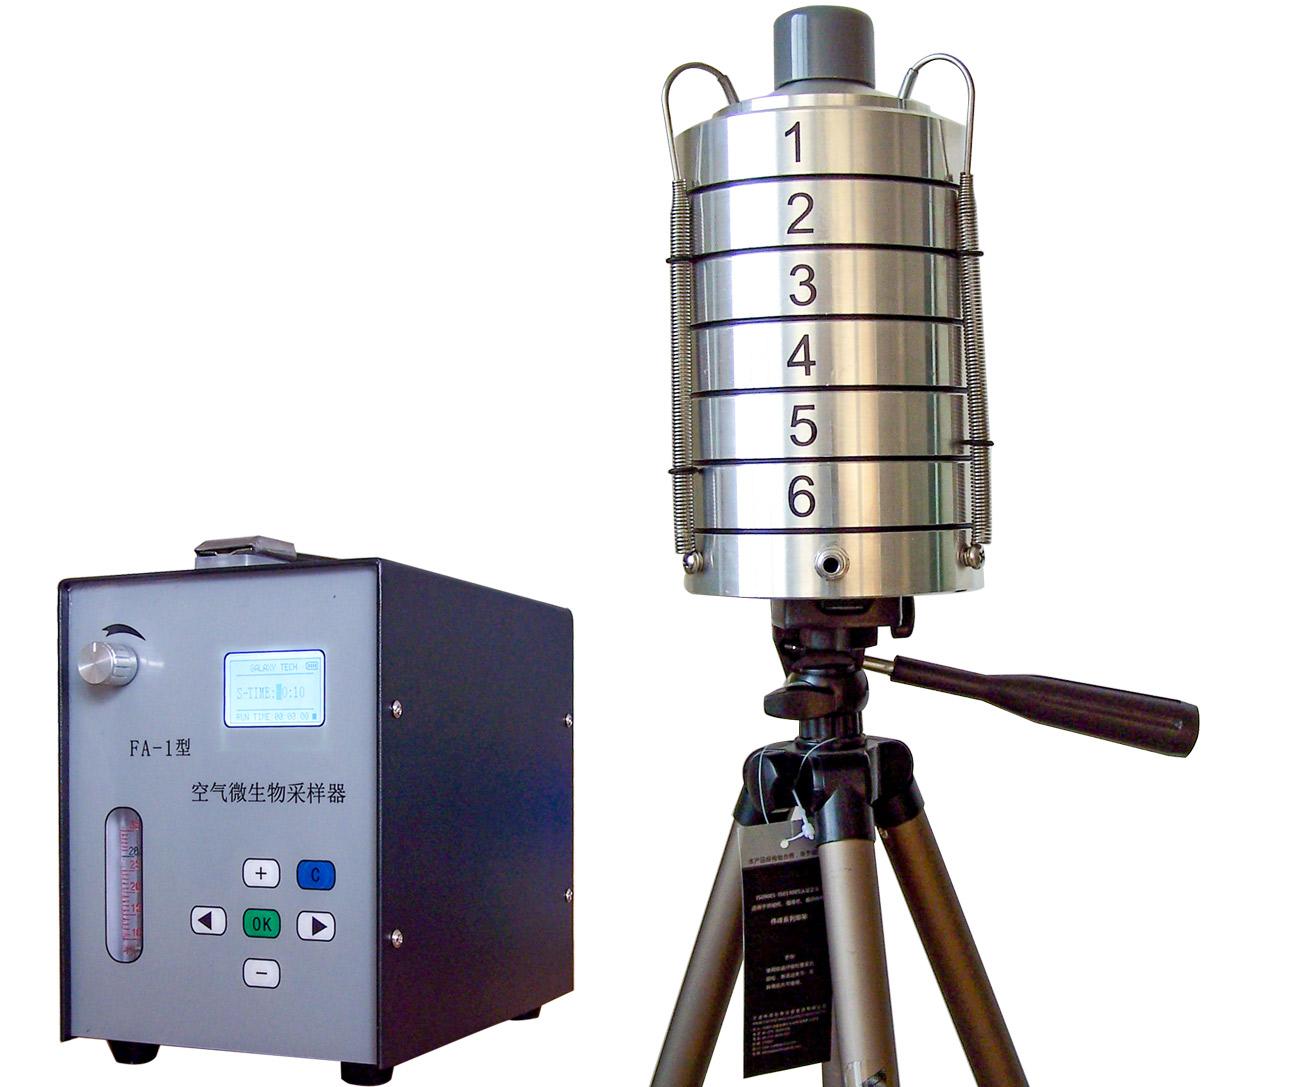 FA-1型 空气微生物采样器